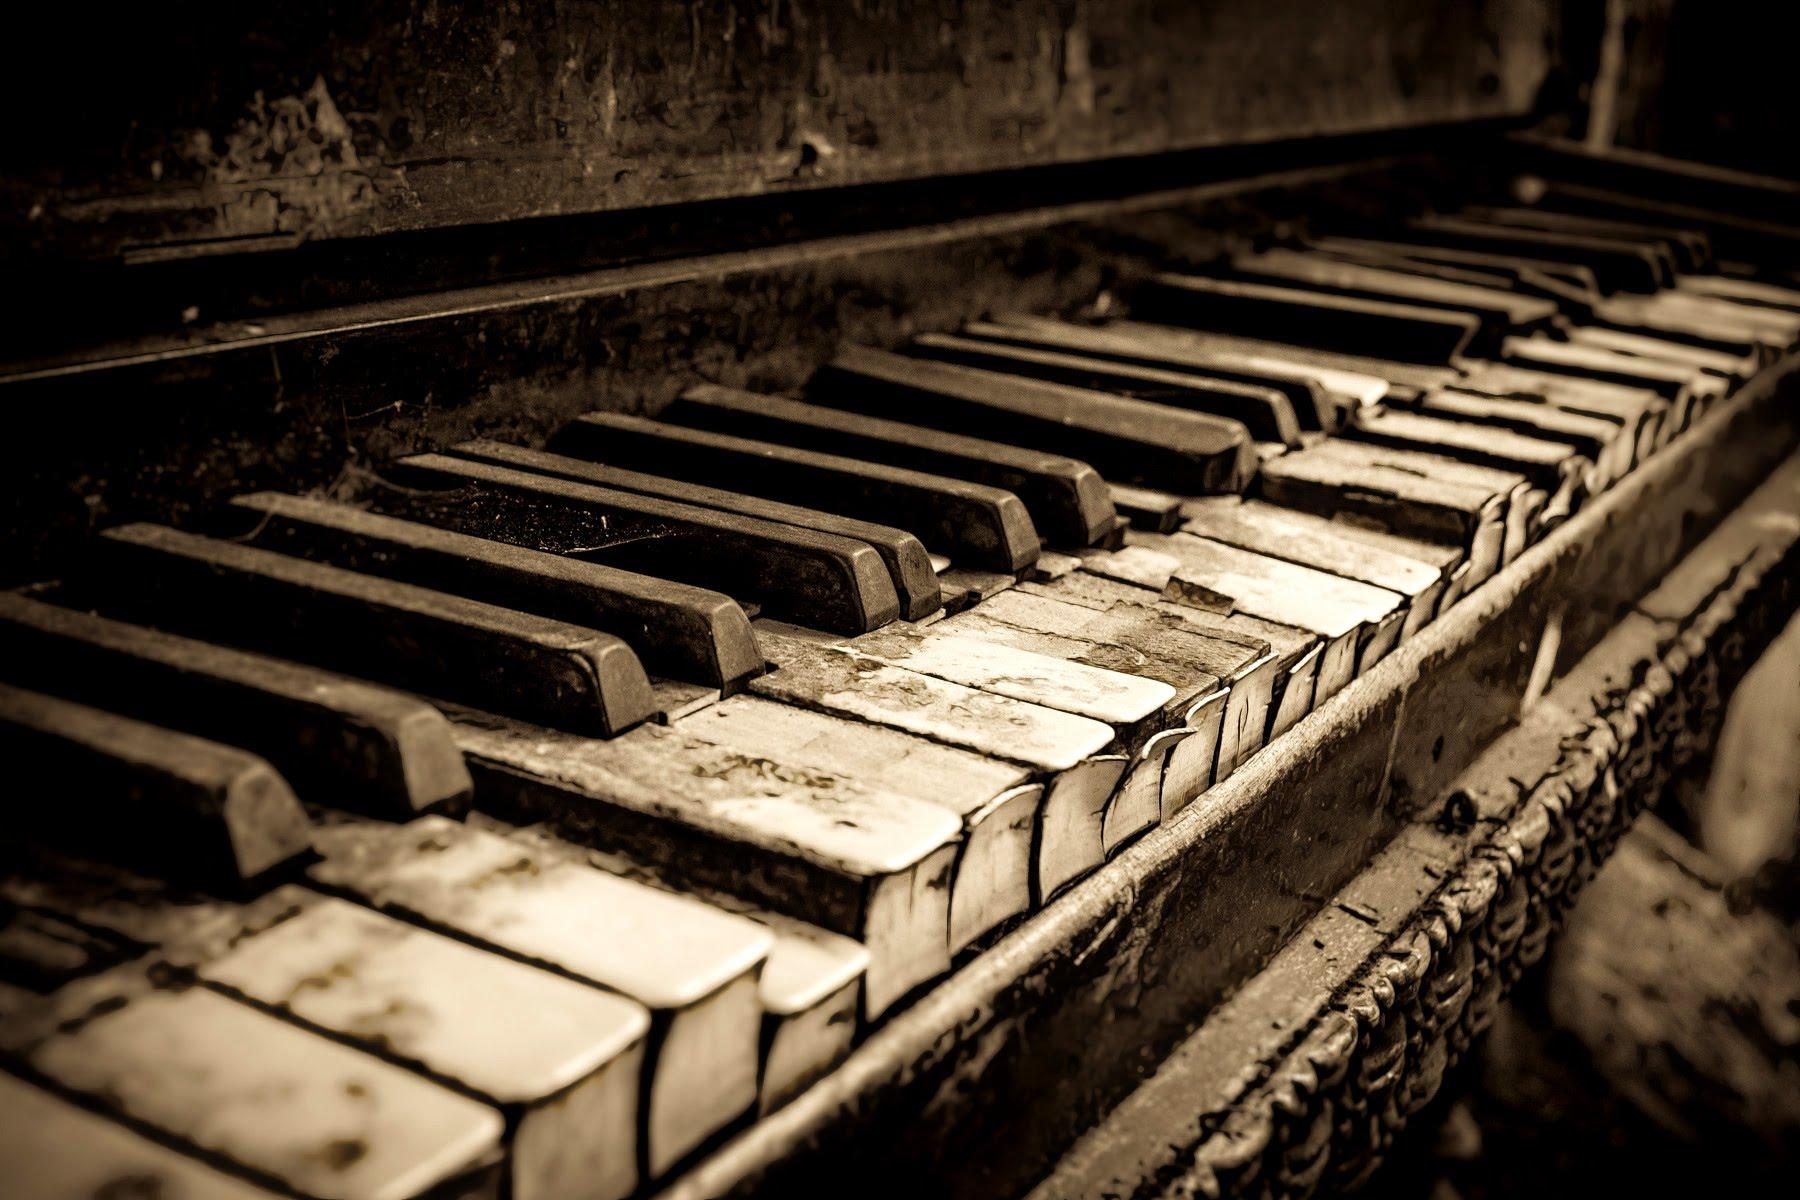 Thiếu vắng âm nhạc, nỗi đau của nền giáo dục Việt